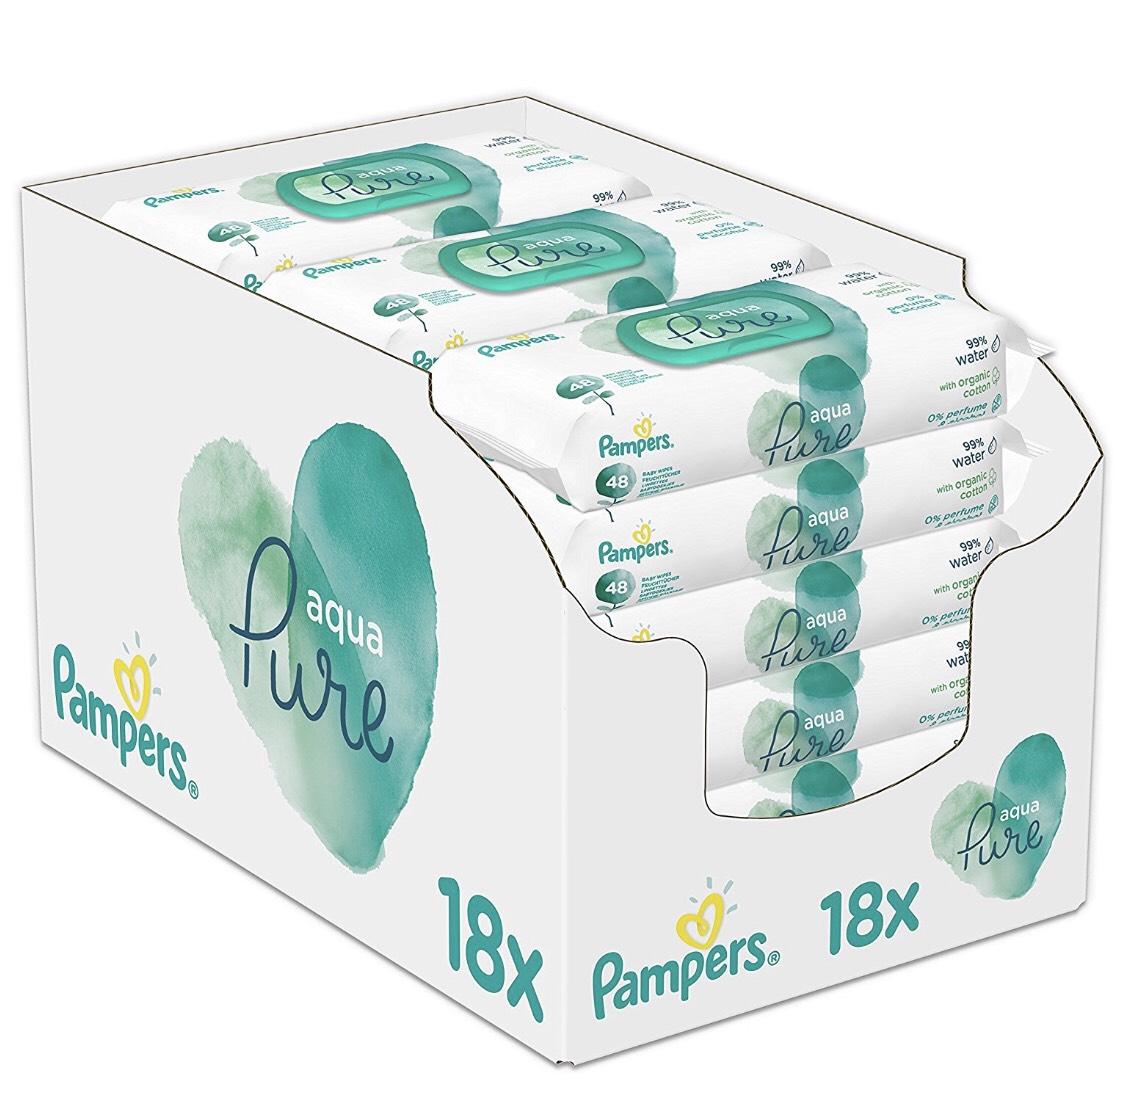 Aqua Pure Pampers doekjes (18x 48 stuks)